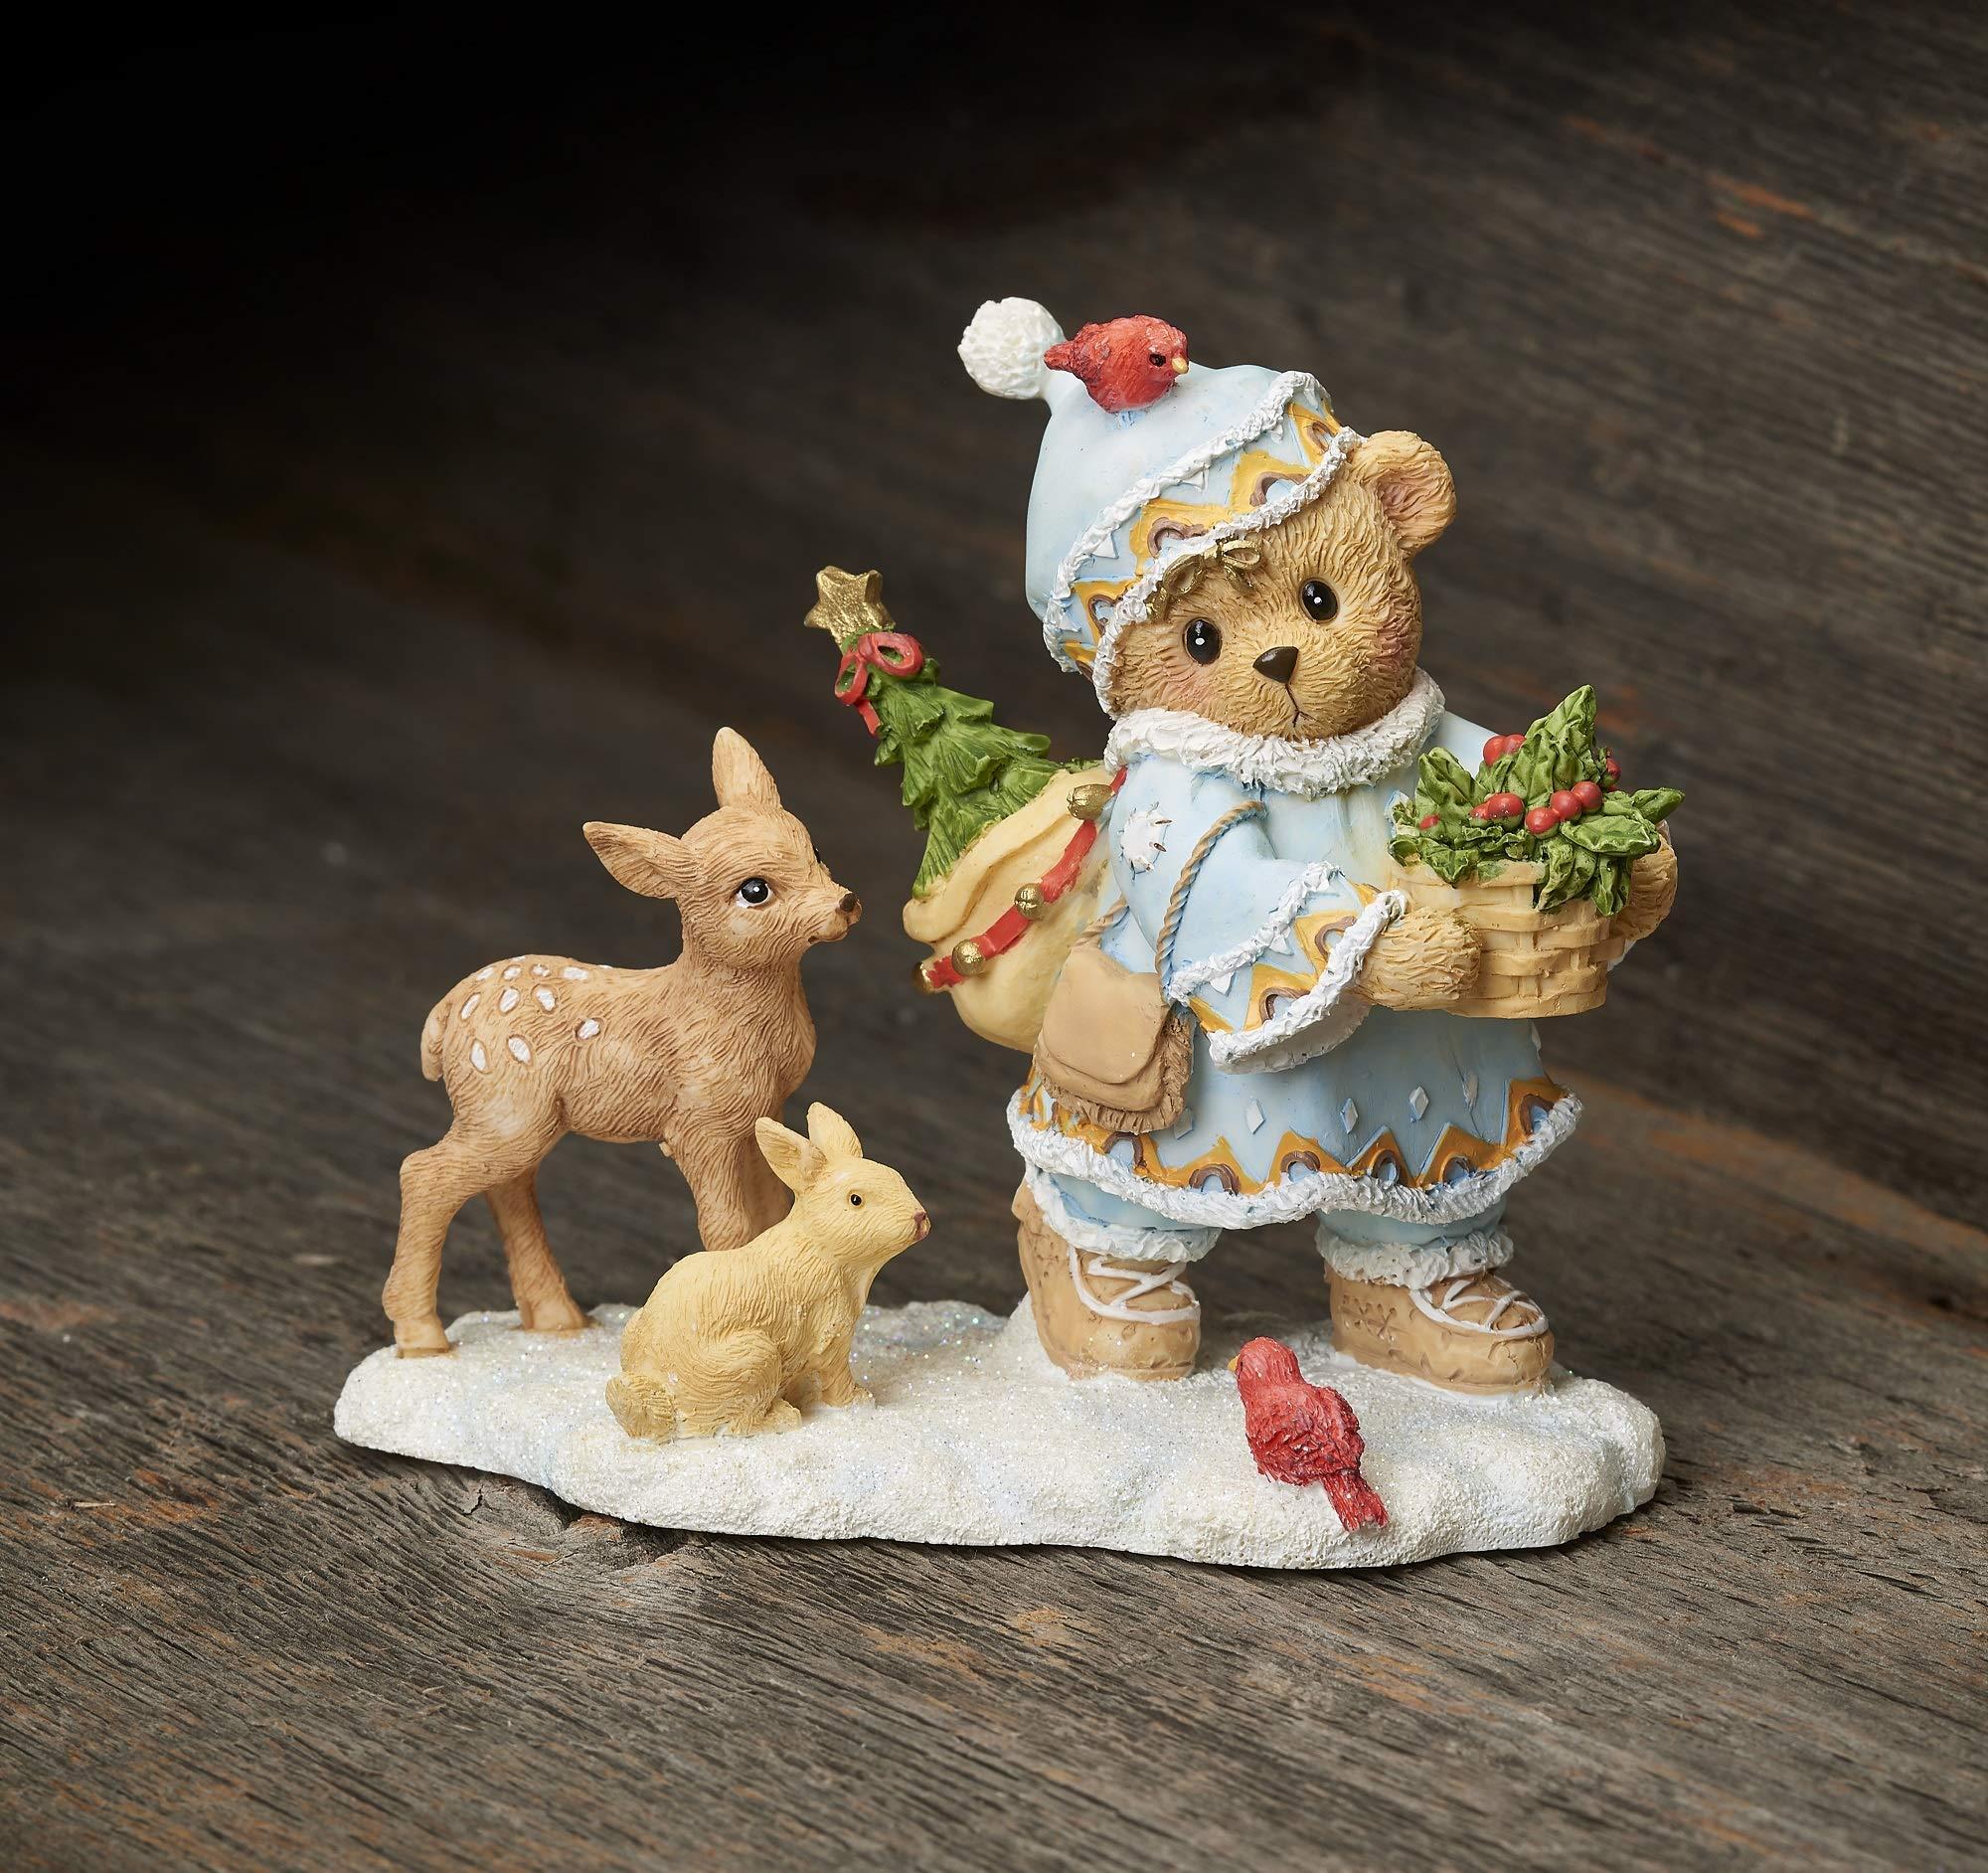 Cherished Teddies 132846 Inga Laplander Winter Figurine